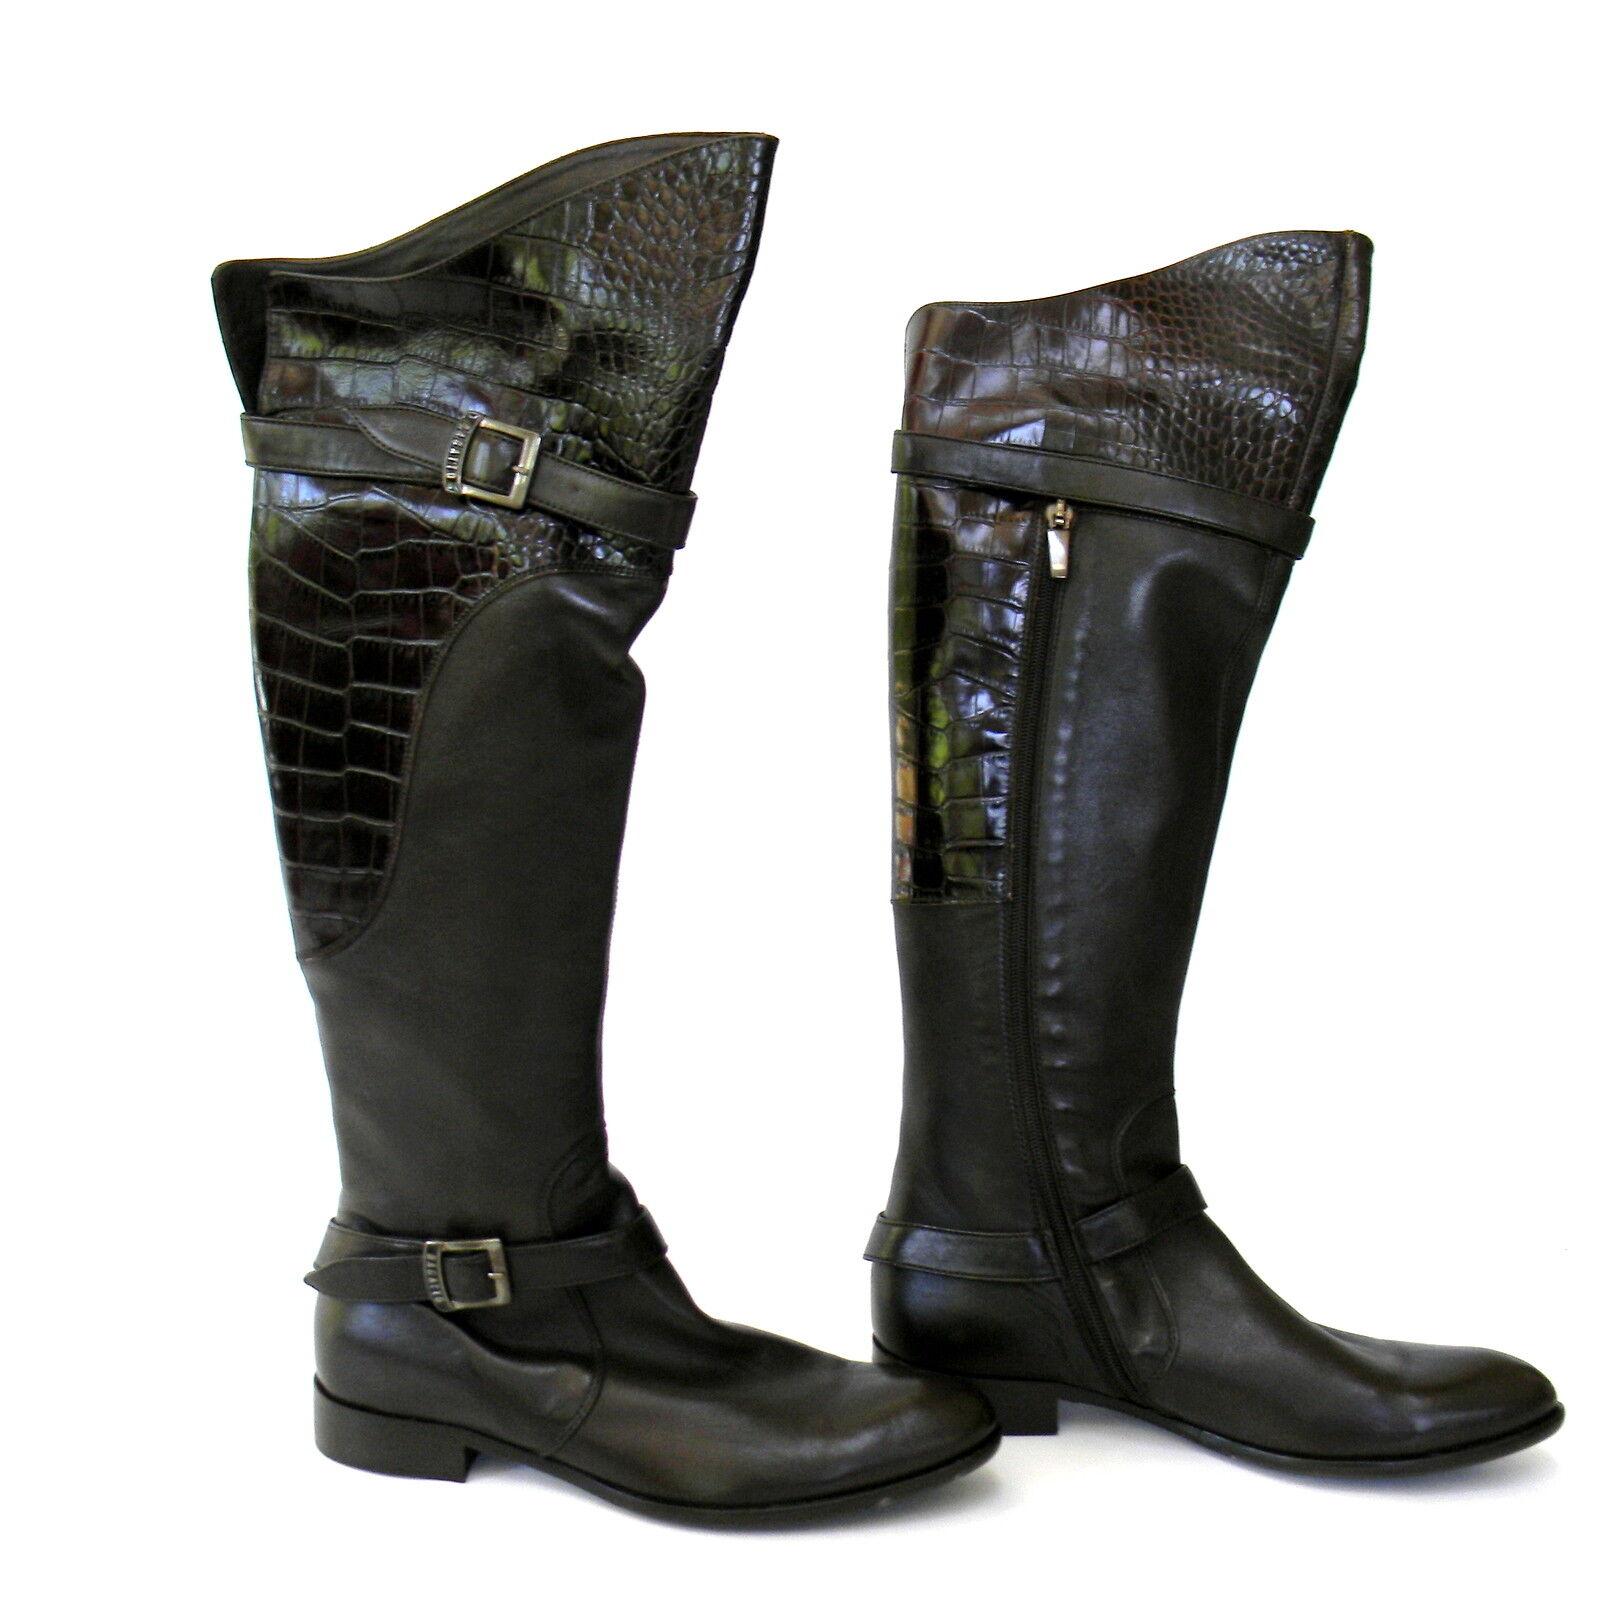 disponibile Bagatto Leather Over The The The Knee avvio Made in  Dimensione 8 Euro Dimensione 38  marchio in liquidazione